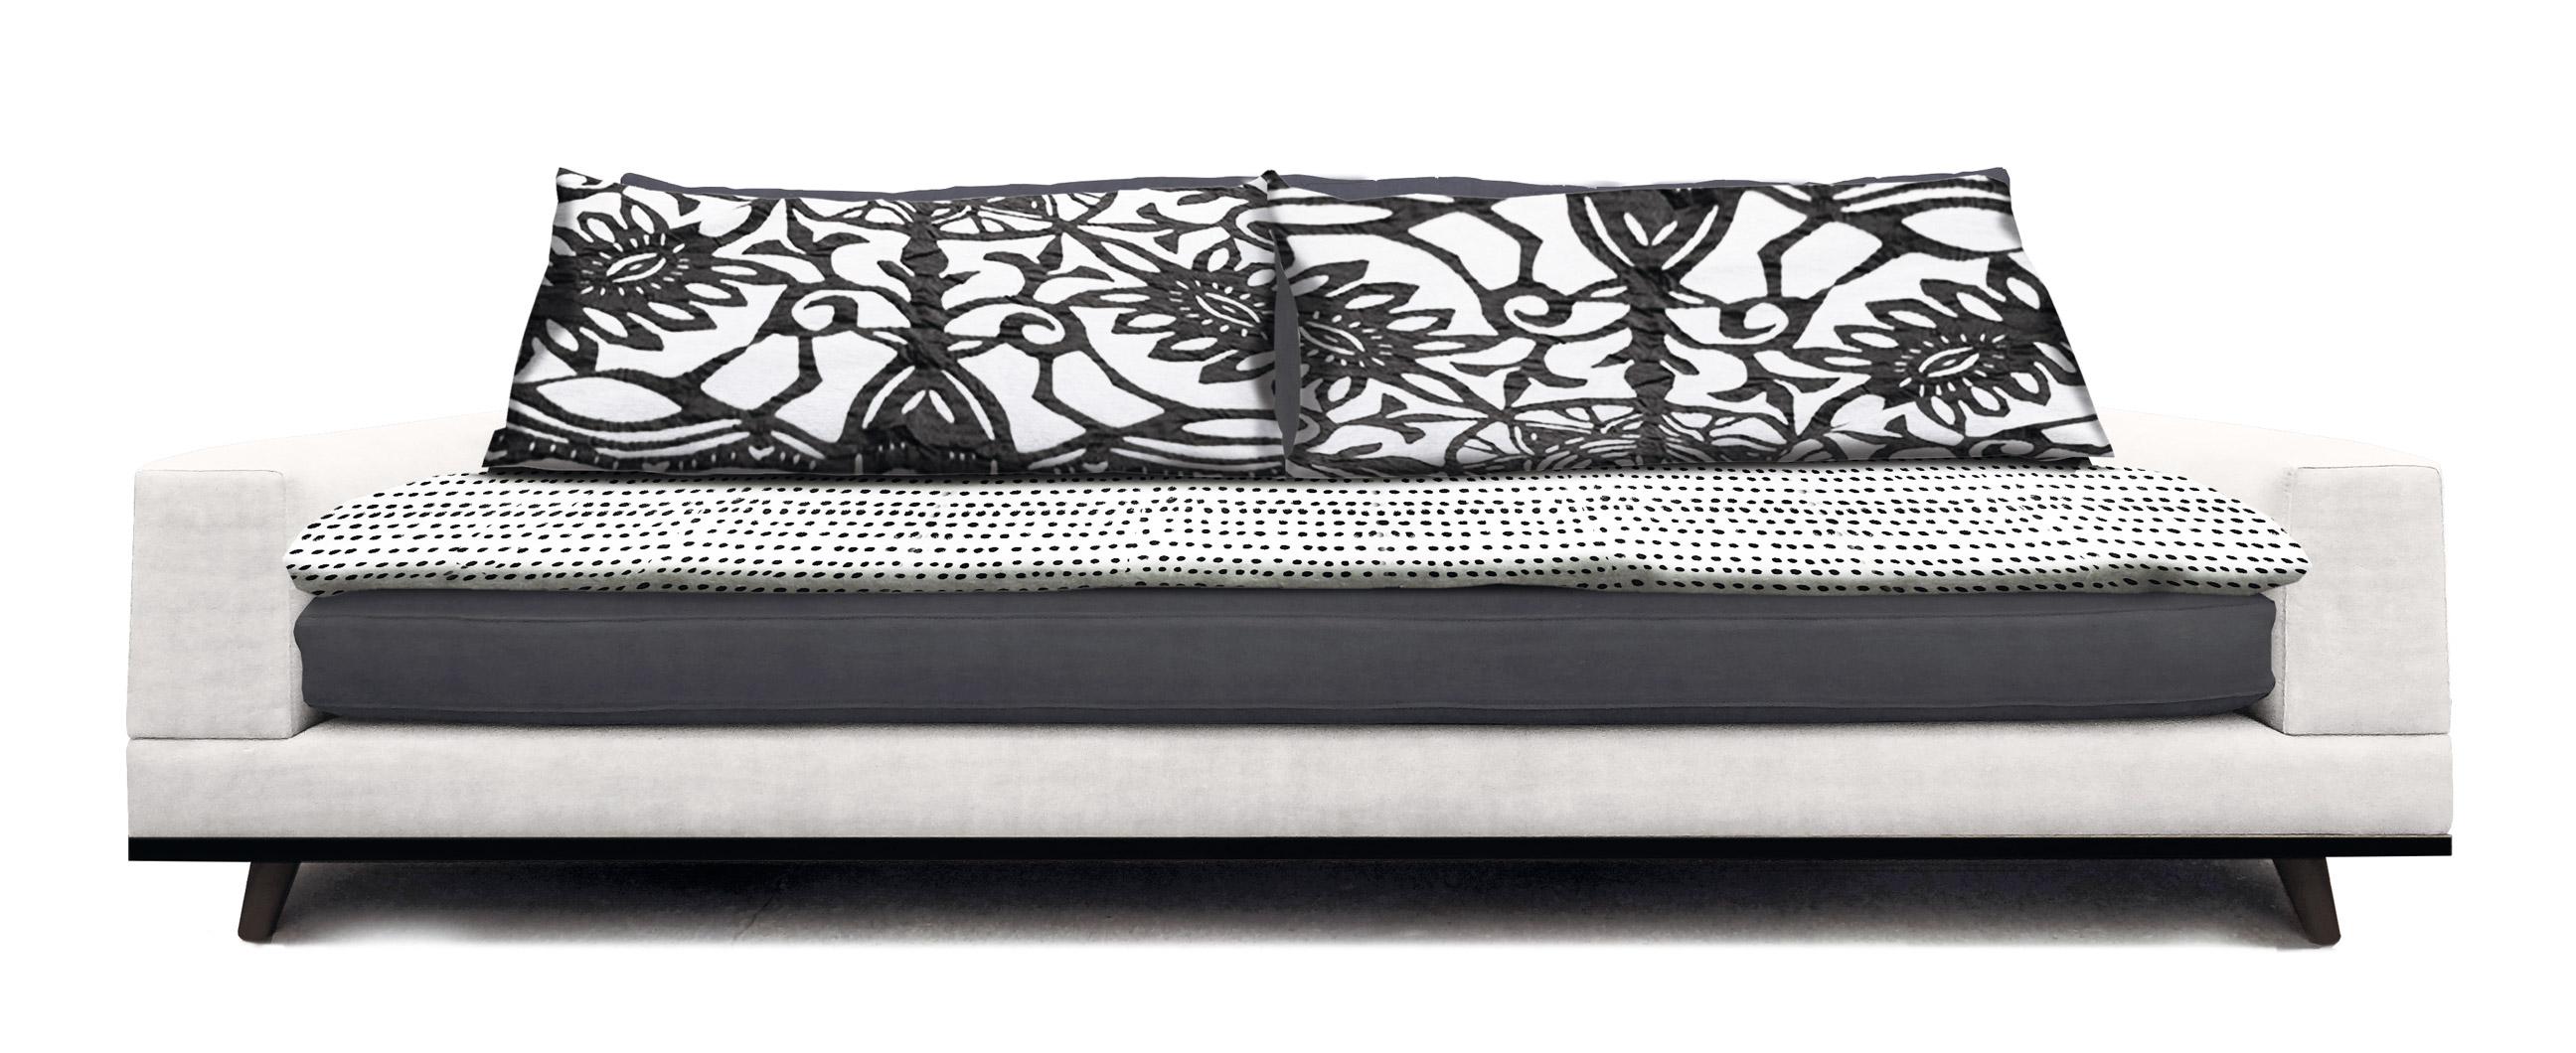 canap mirleft par florence bourel. Black Bedroom Furniture Sets. Home Design Ideas